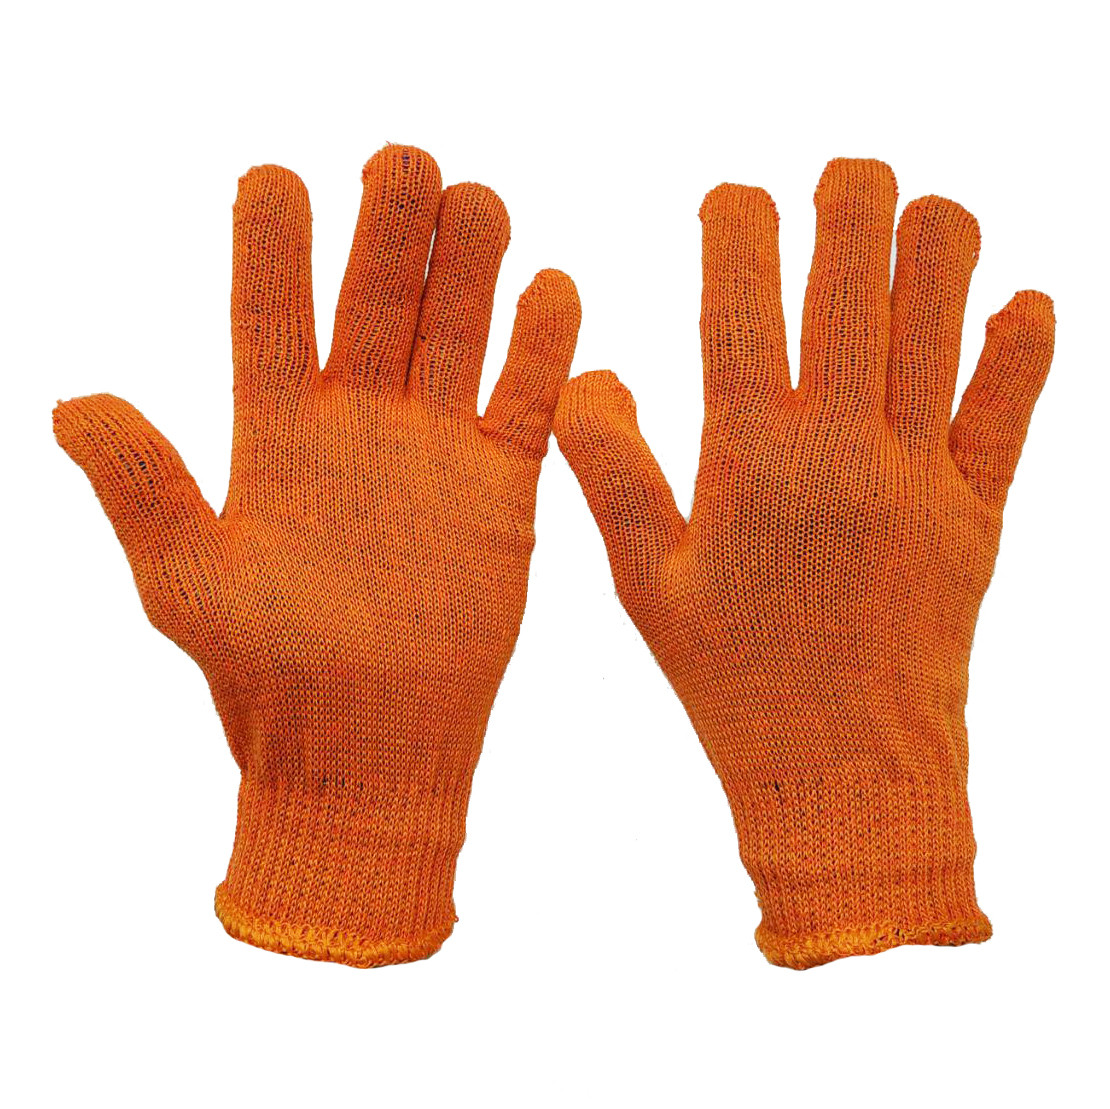 Перчатки рабочие Slim  трикотажные тонкие  без без протектора  оранжевые 8302